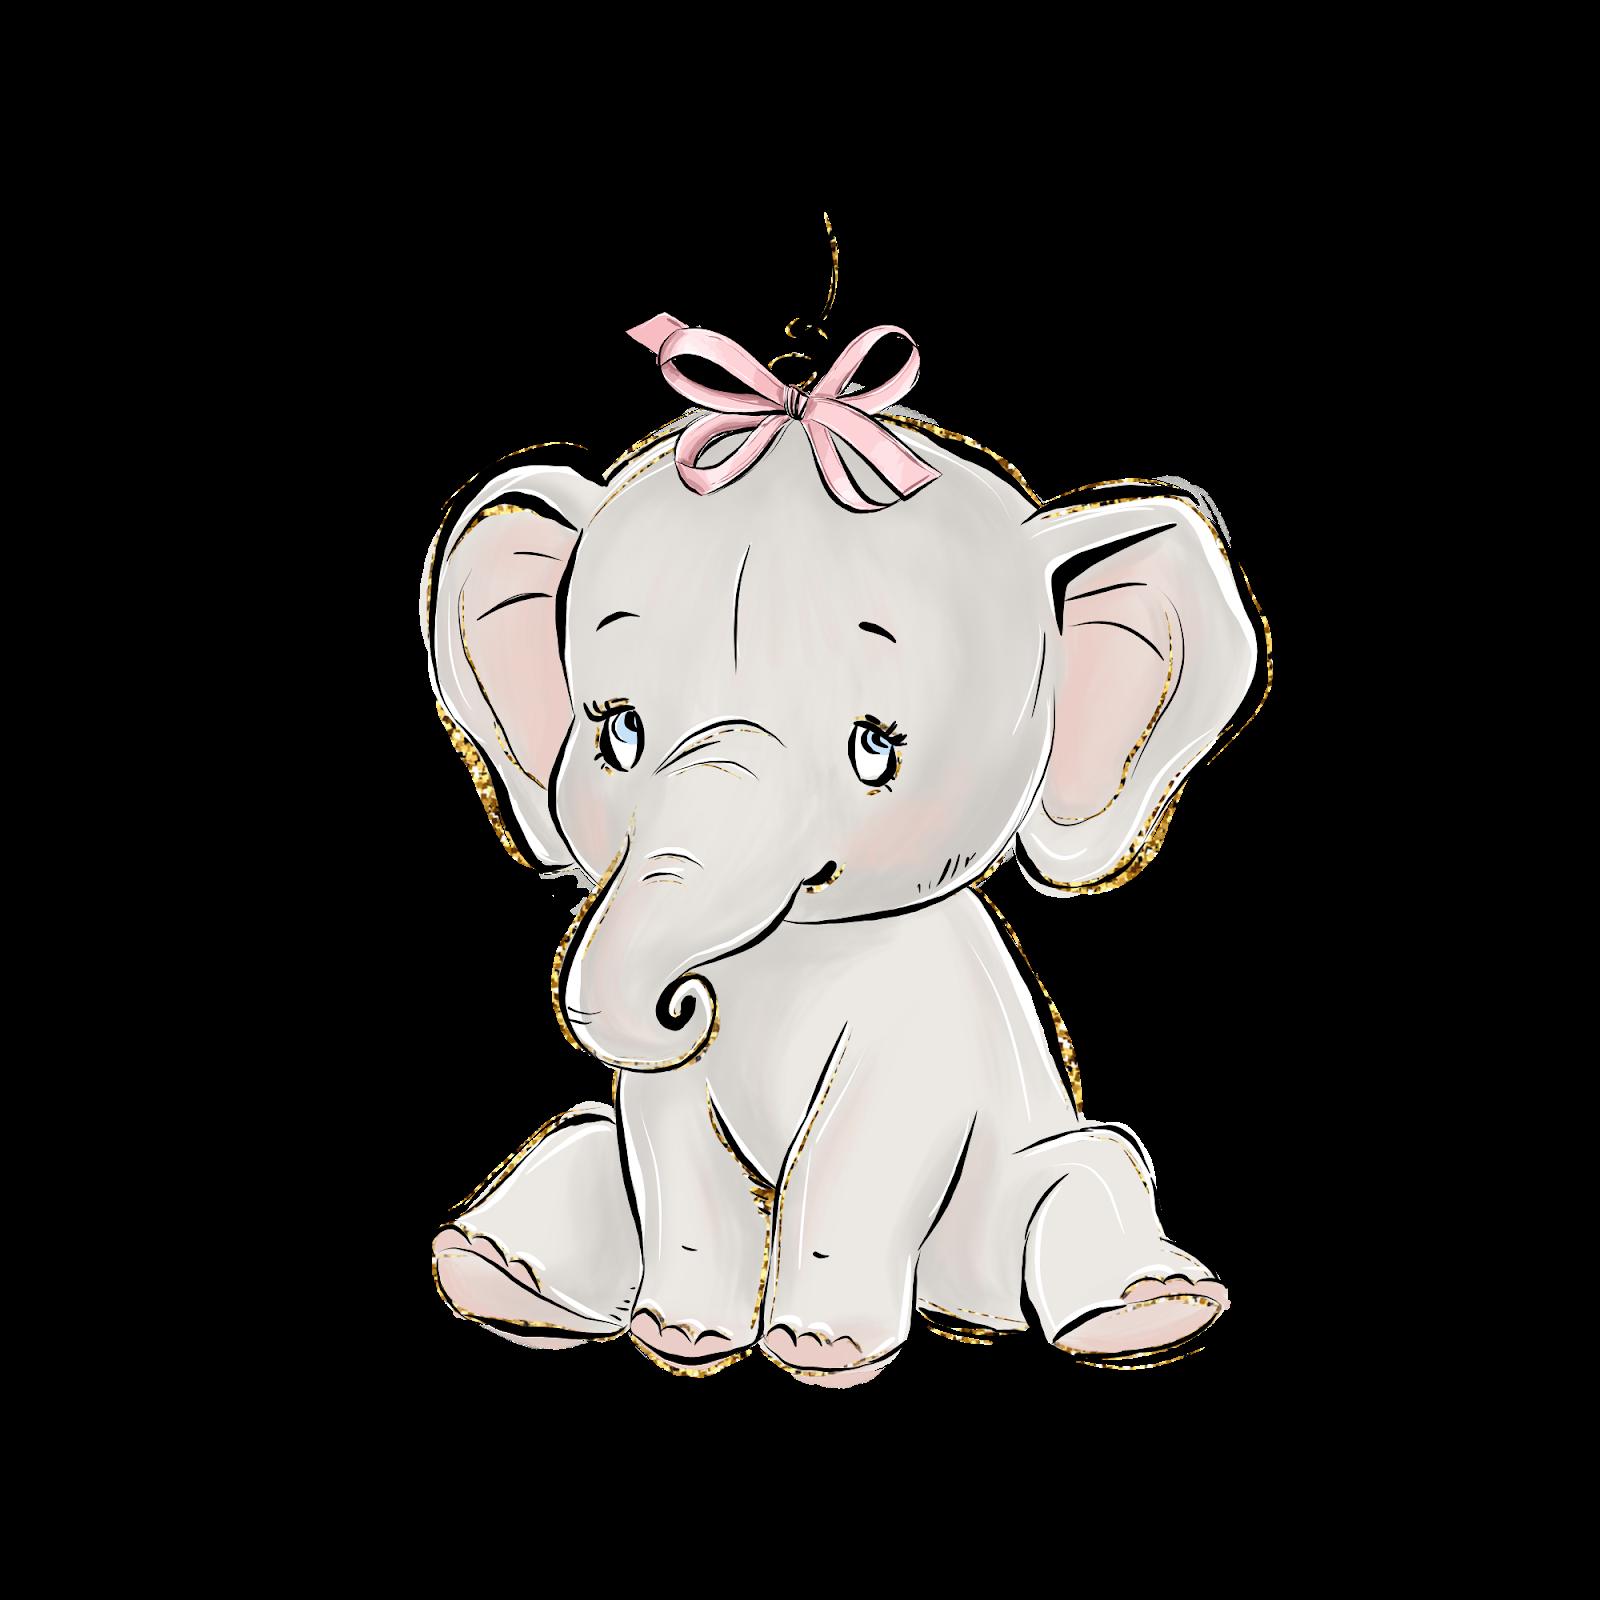 Png Elefantinho Png Elefante Watercolor Png Elefantinha Png